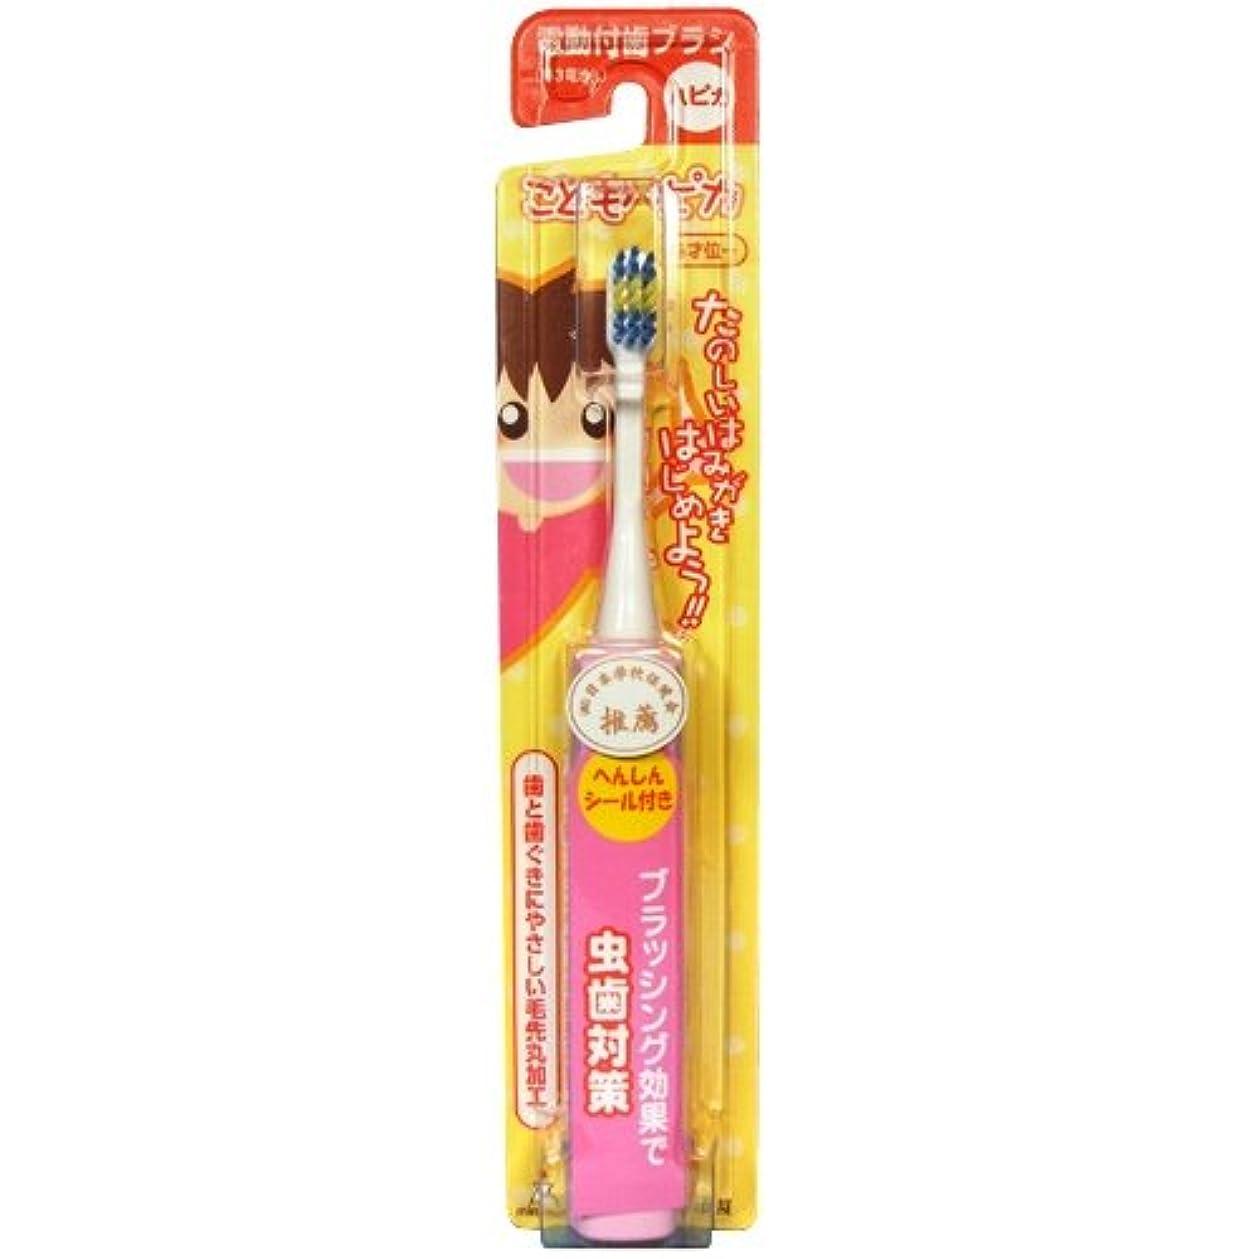 仲人カナダ赤字ミニマム 電動付歯ブラシ こどもハピカ ピンク 毛の硬さ:やわらかめ DBK-1P(BP)